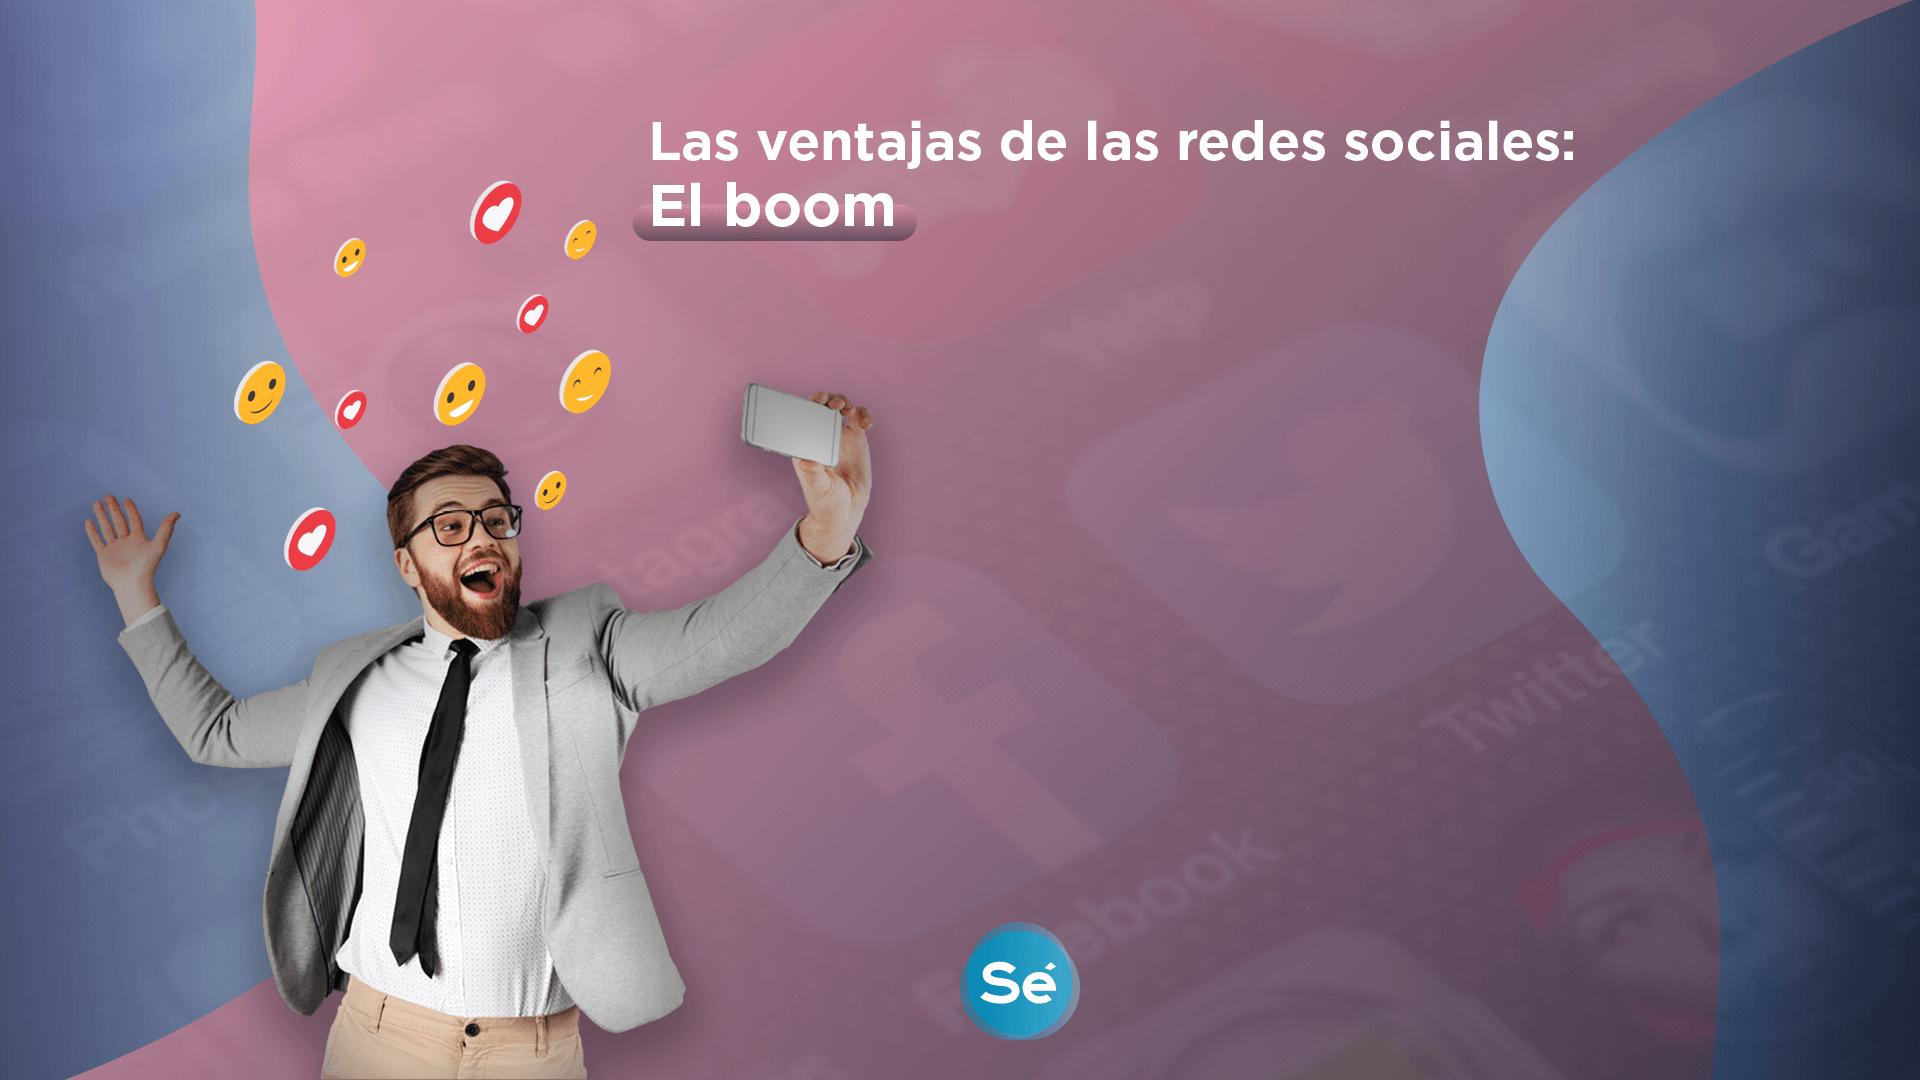 Las ventajas de las redes sociales: El boom.